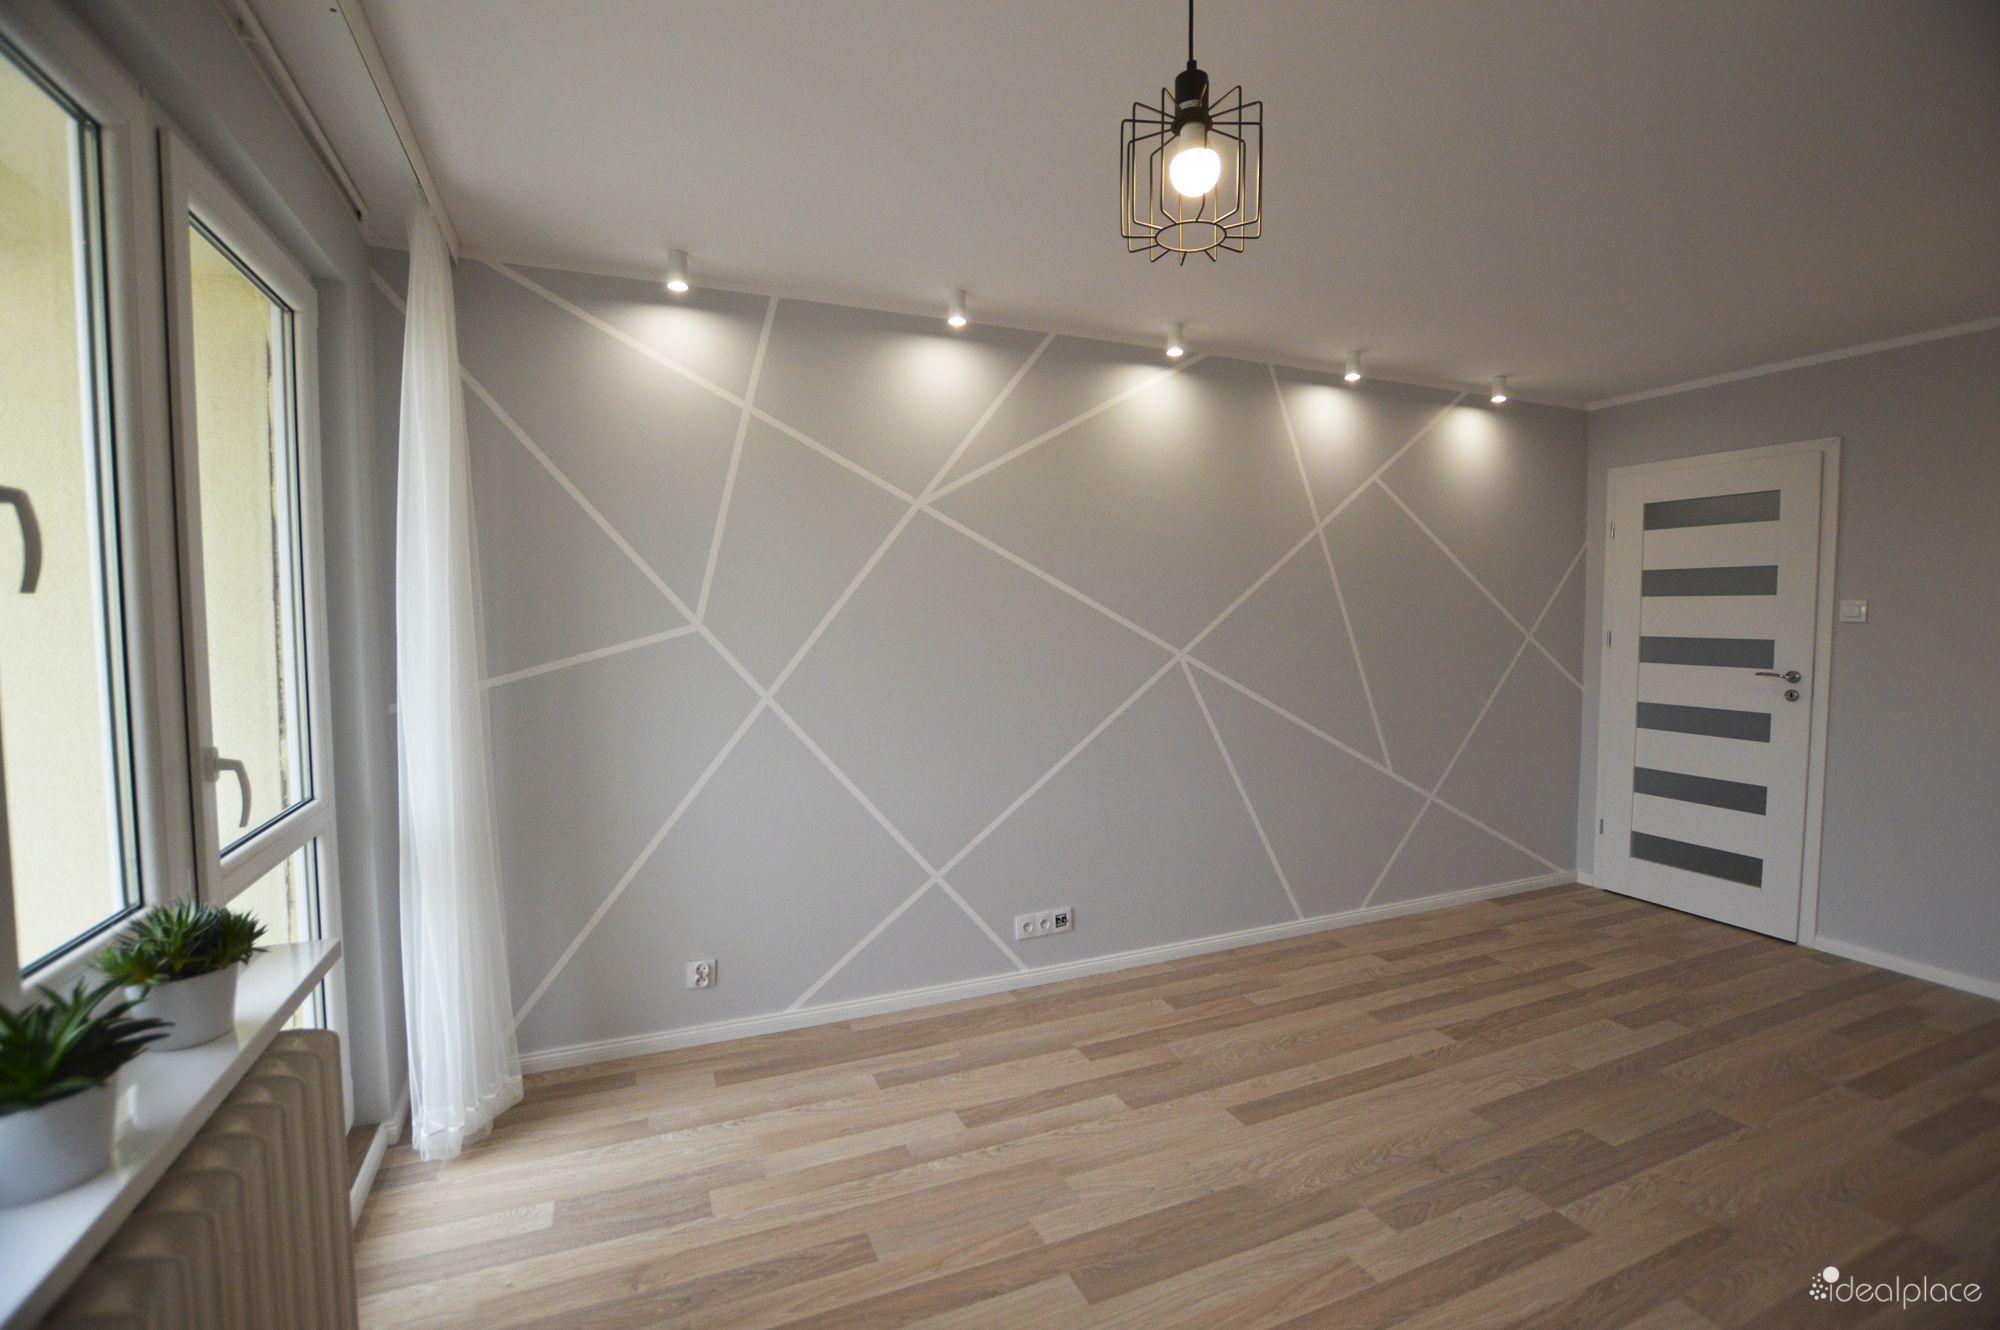 Photo of ściana we wzory geometryczne, wykonane za pomocą taśmy malarskiej i farby